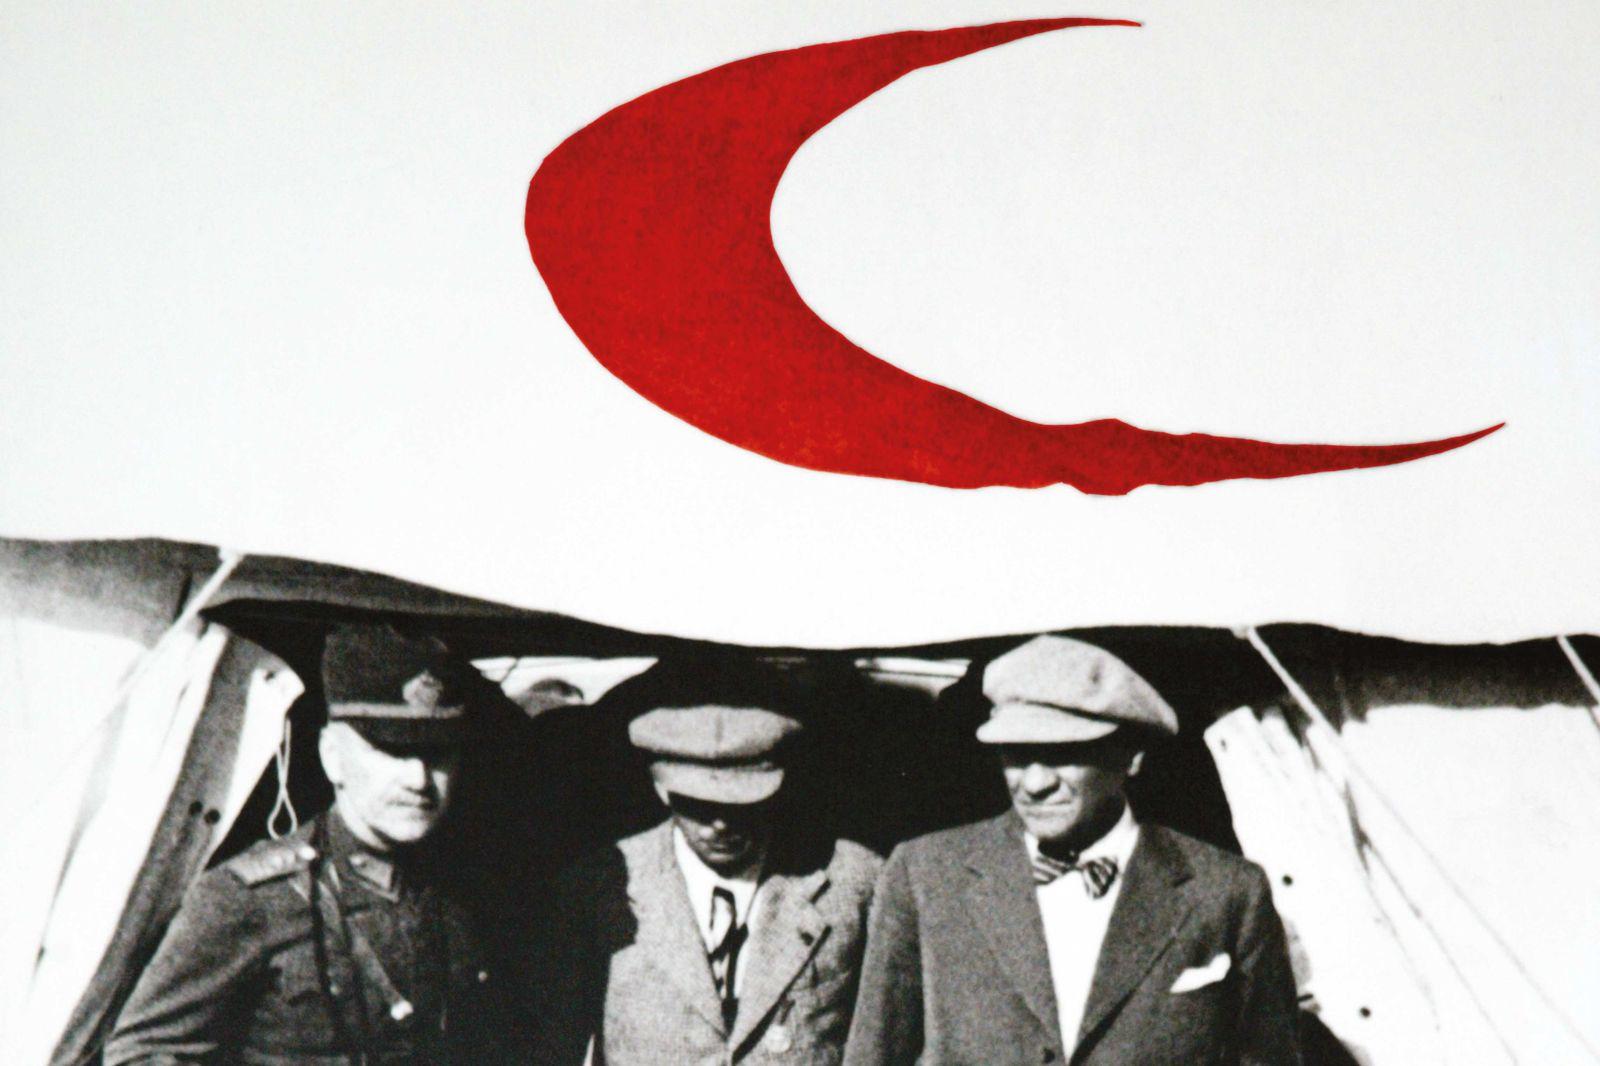 Kızılay Derneği'nin Tarihçesi, Temel İlkeleri ve Kurumsal Değerleri